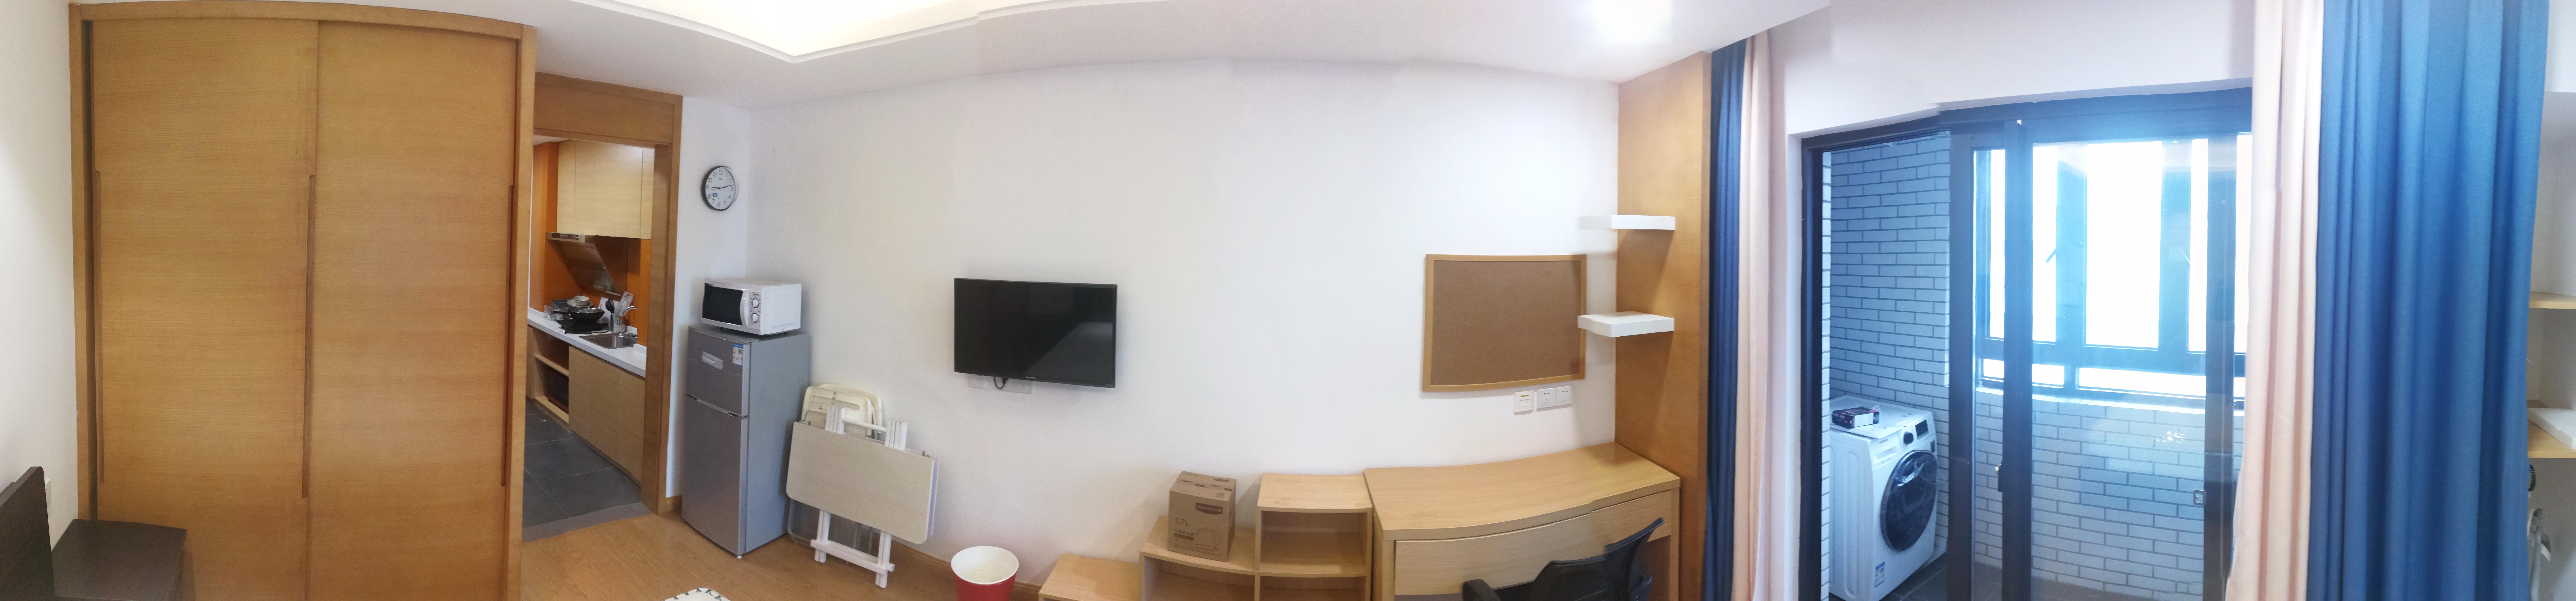 Room360